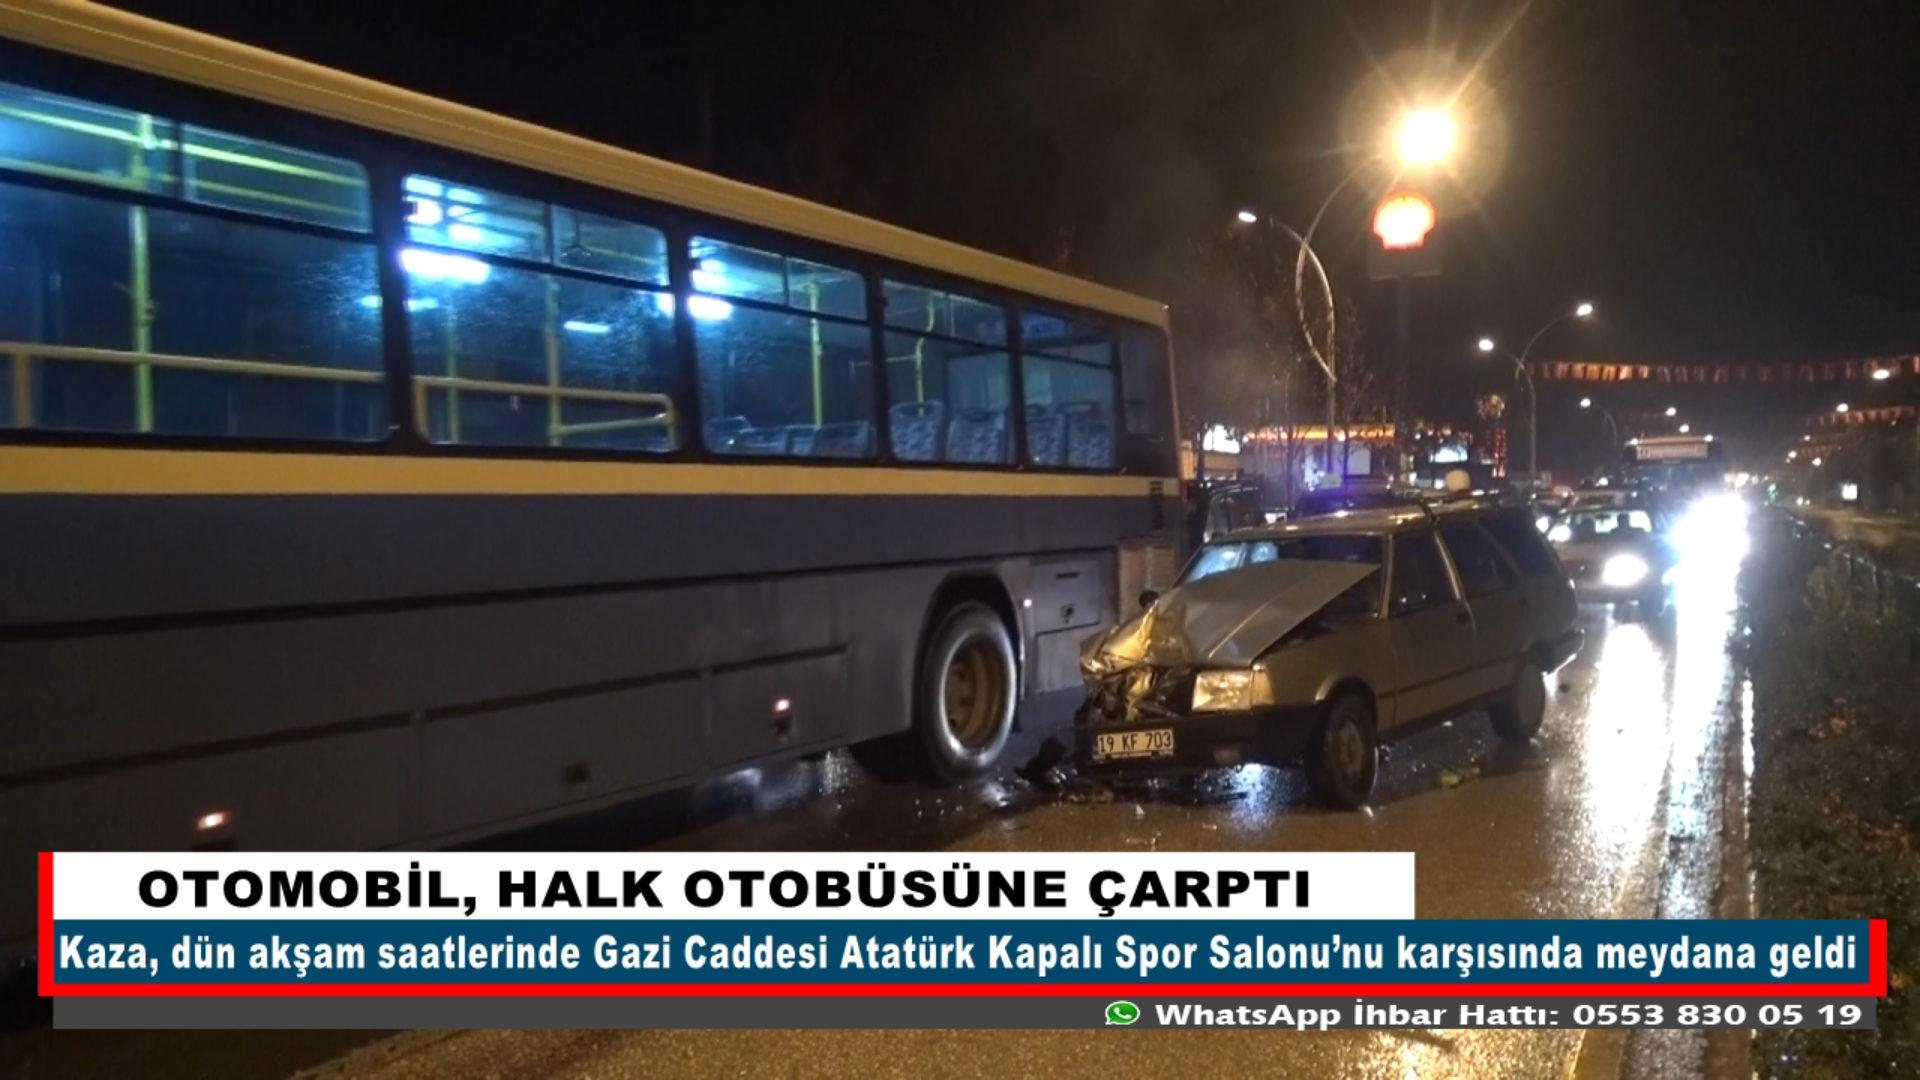 OTOMOBİL, HALK OTOBÜSÜNE ÇARPTI